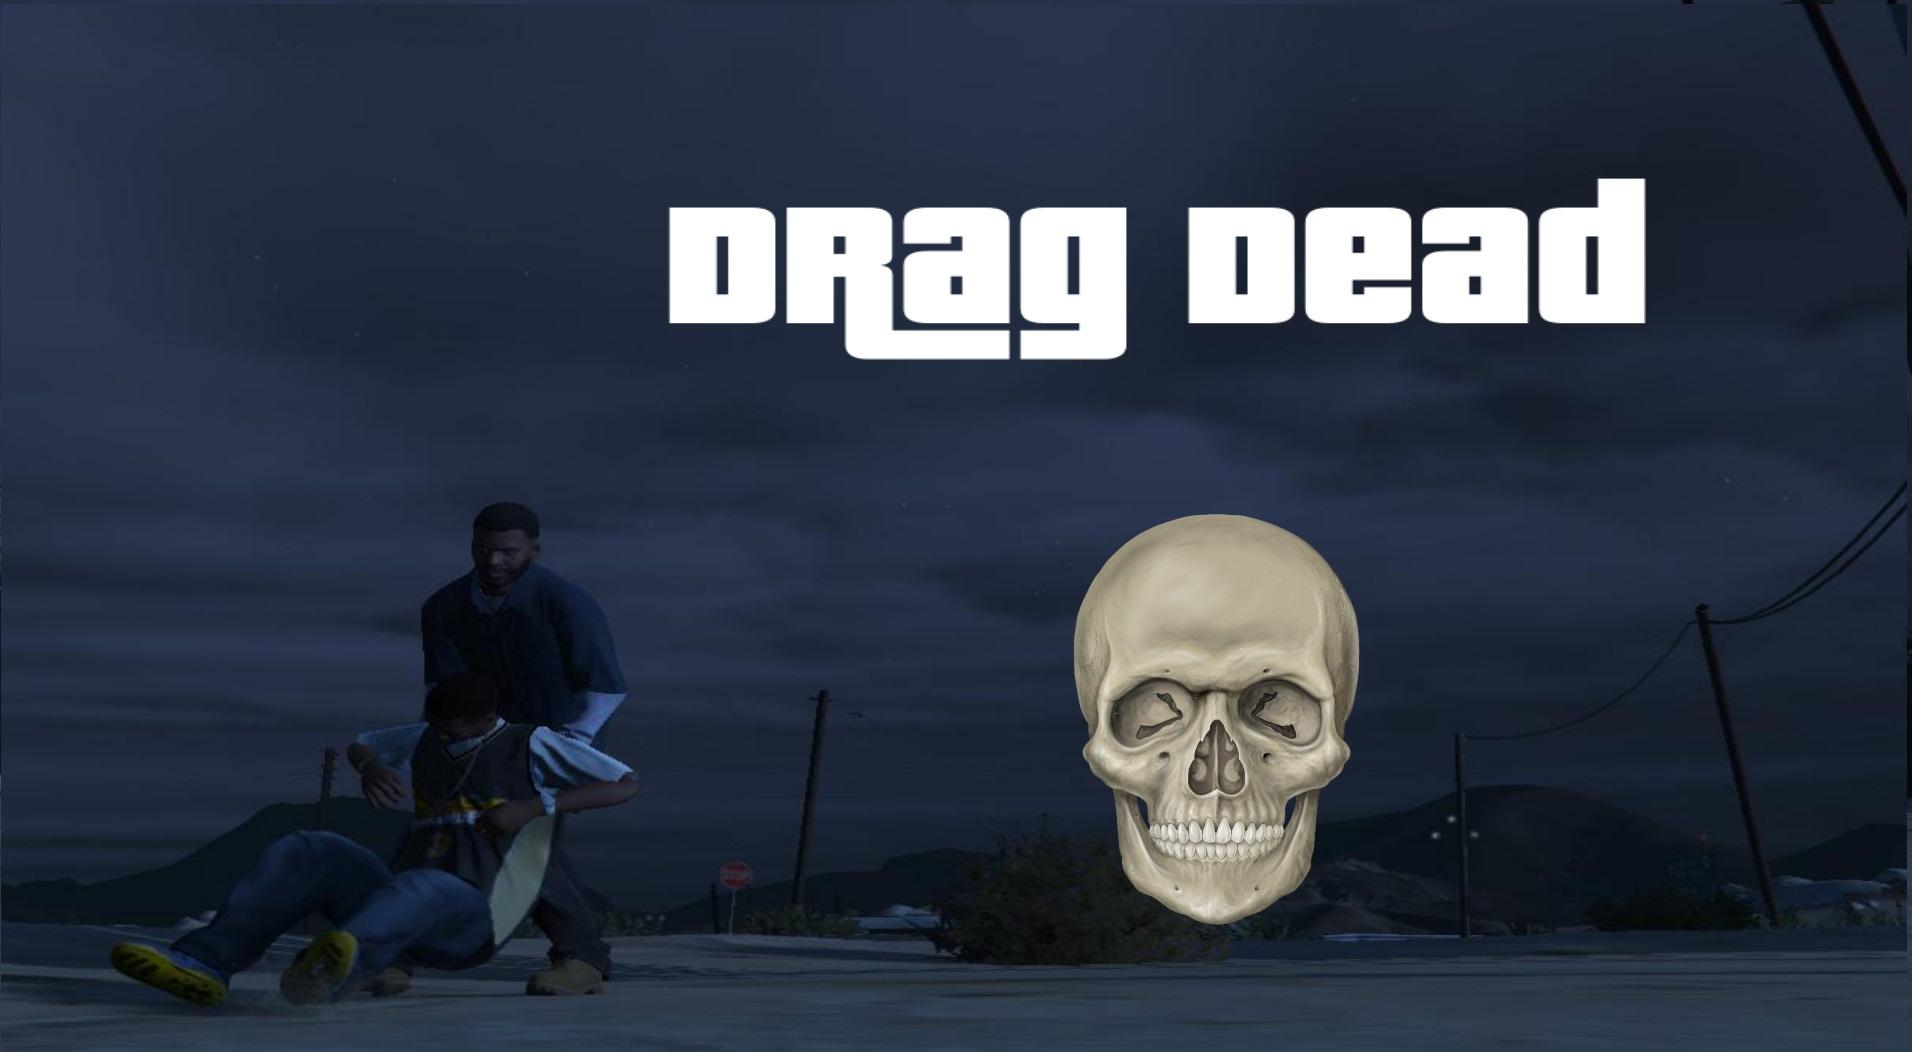 Drag Dead - GTA5-Mods com